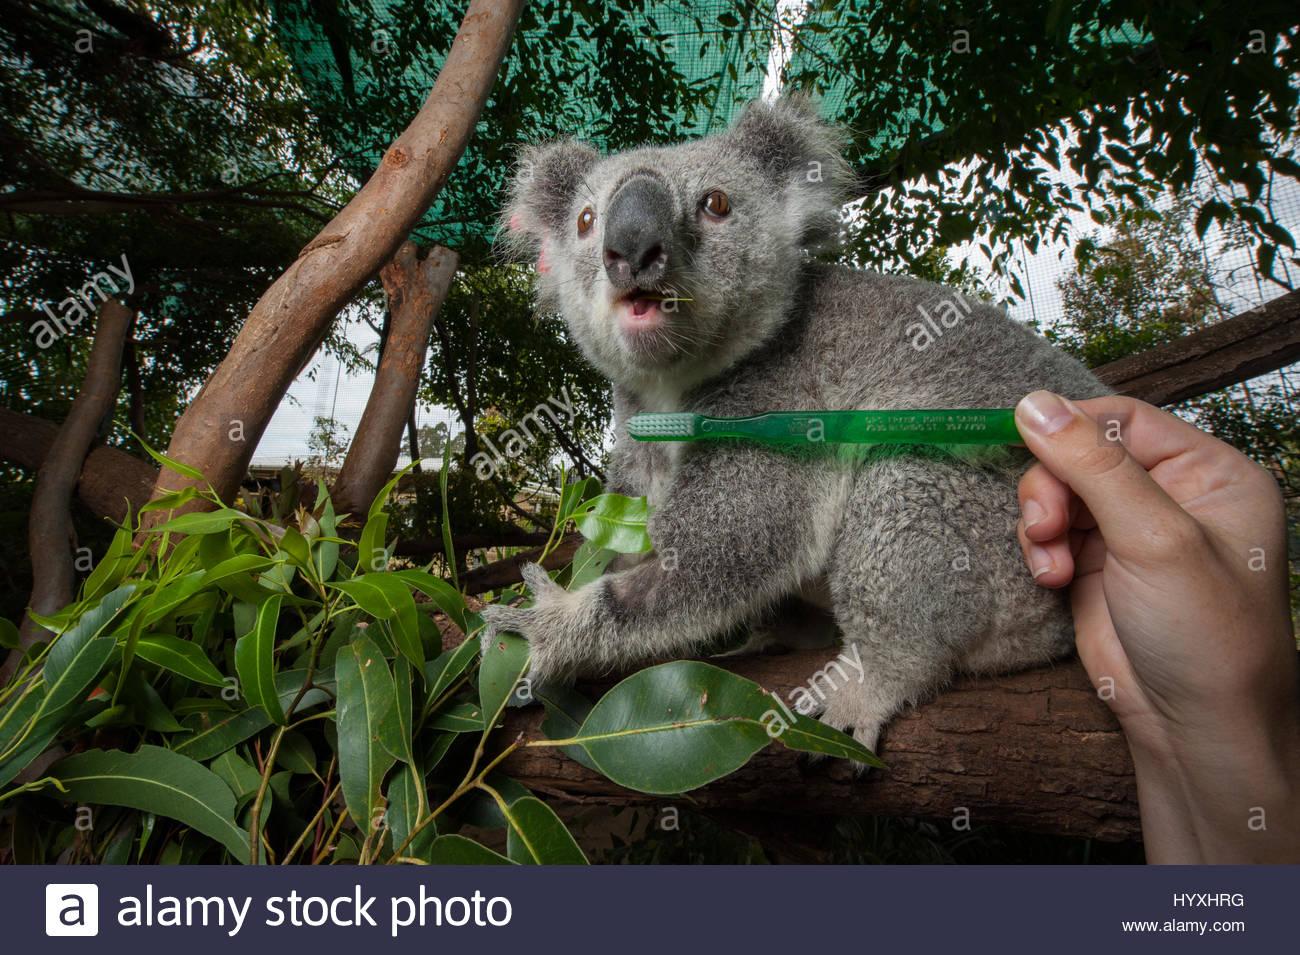 Une brosse à dents est tenu jusqu'à côté d'un koala Phascolarctos cinereus, Zoo de l'Australie, Photo Stock